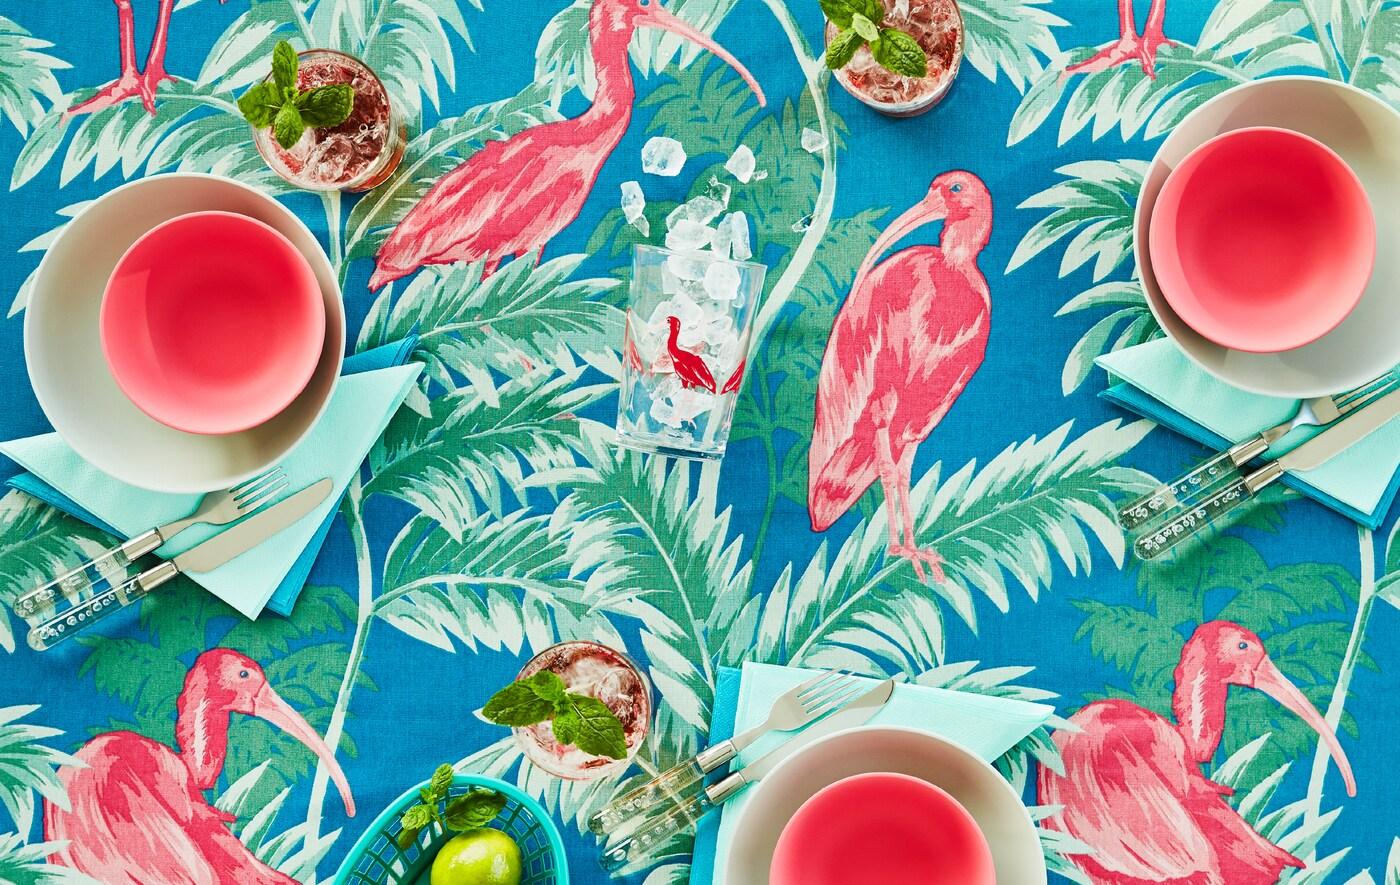 Tovaglia con un vivace motivo tropicale in colore rosa, verde e blu. In abbinamento, alcune stoviglie - IKEA